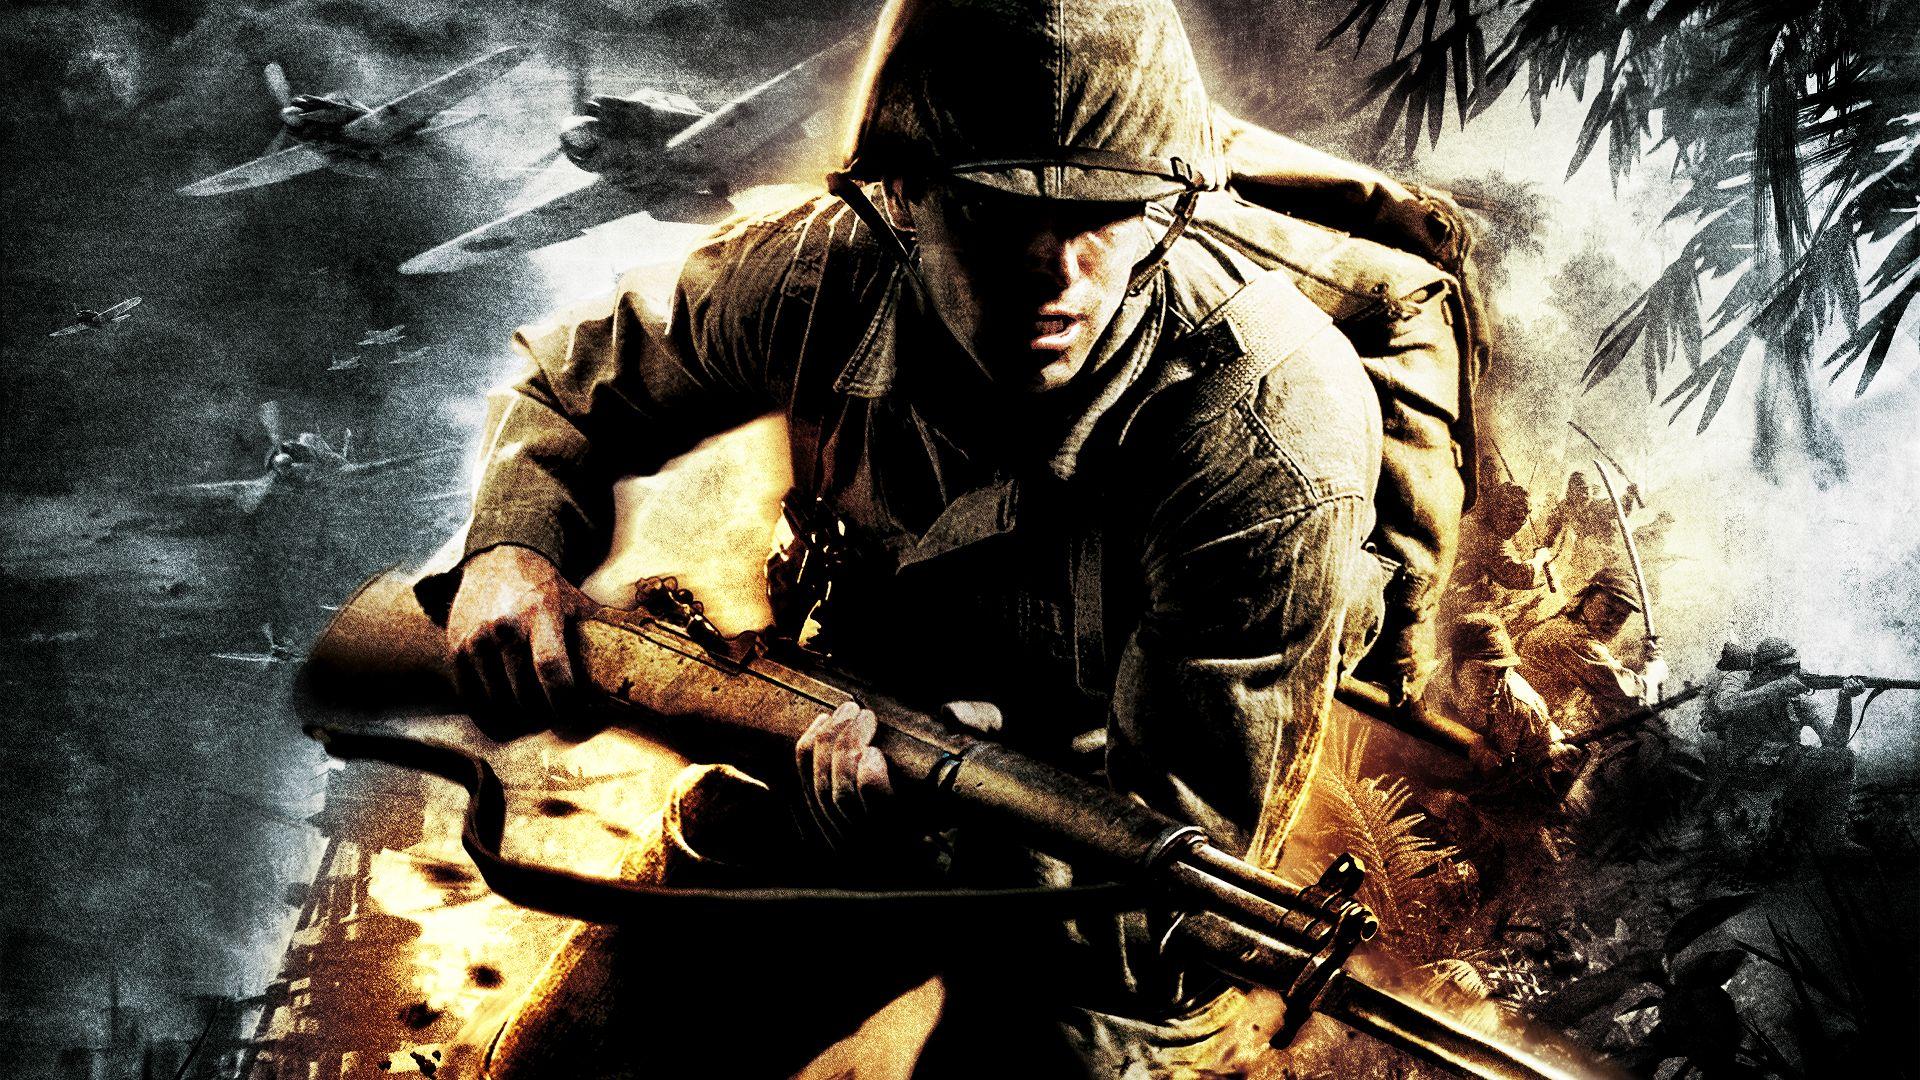 Origin: 限时免费领取 《荣誉勋章:太平洋战役》 和 《死在百慕大》